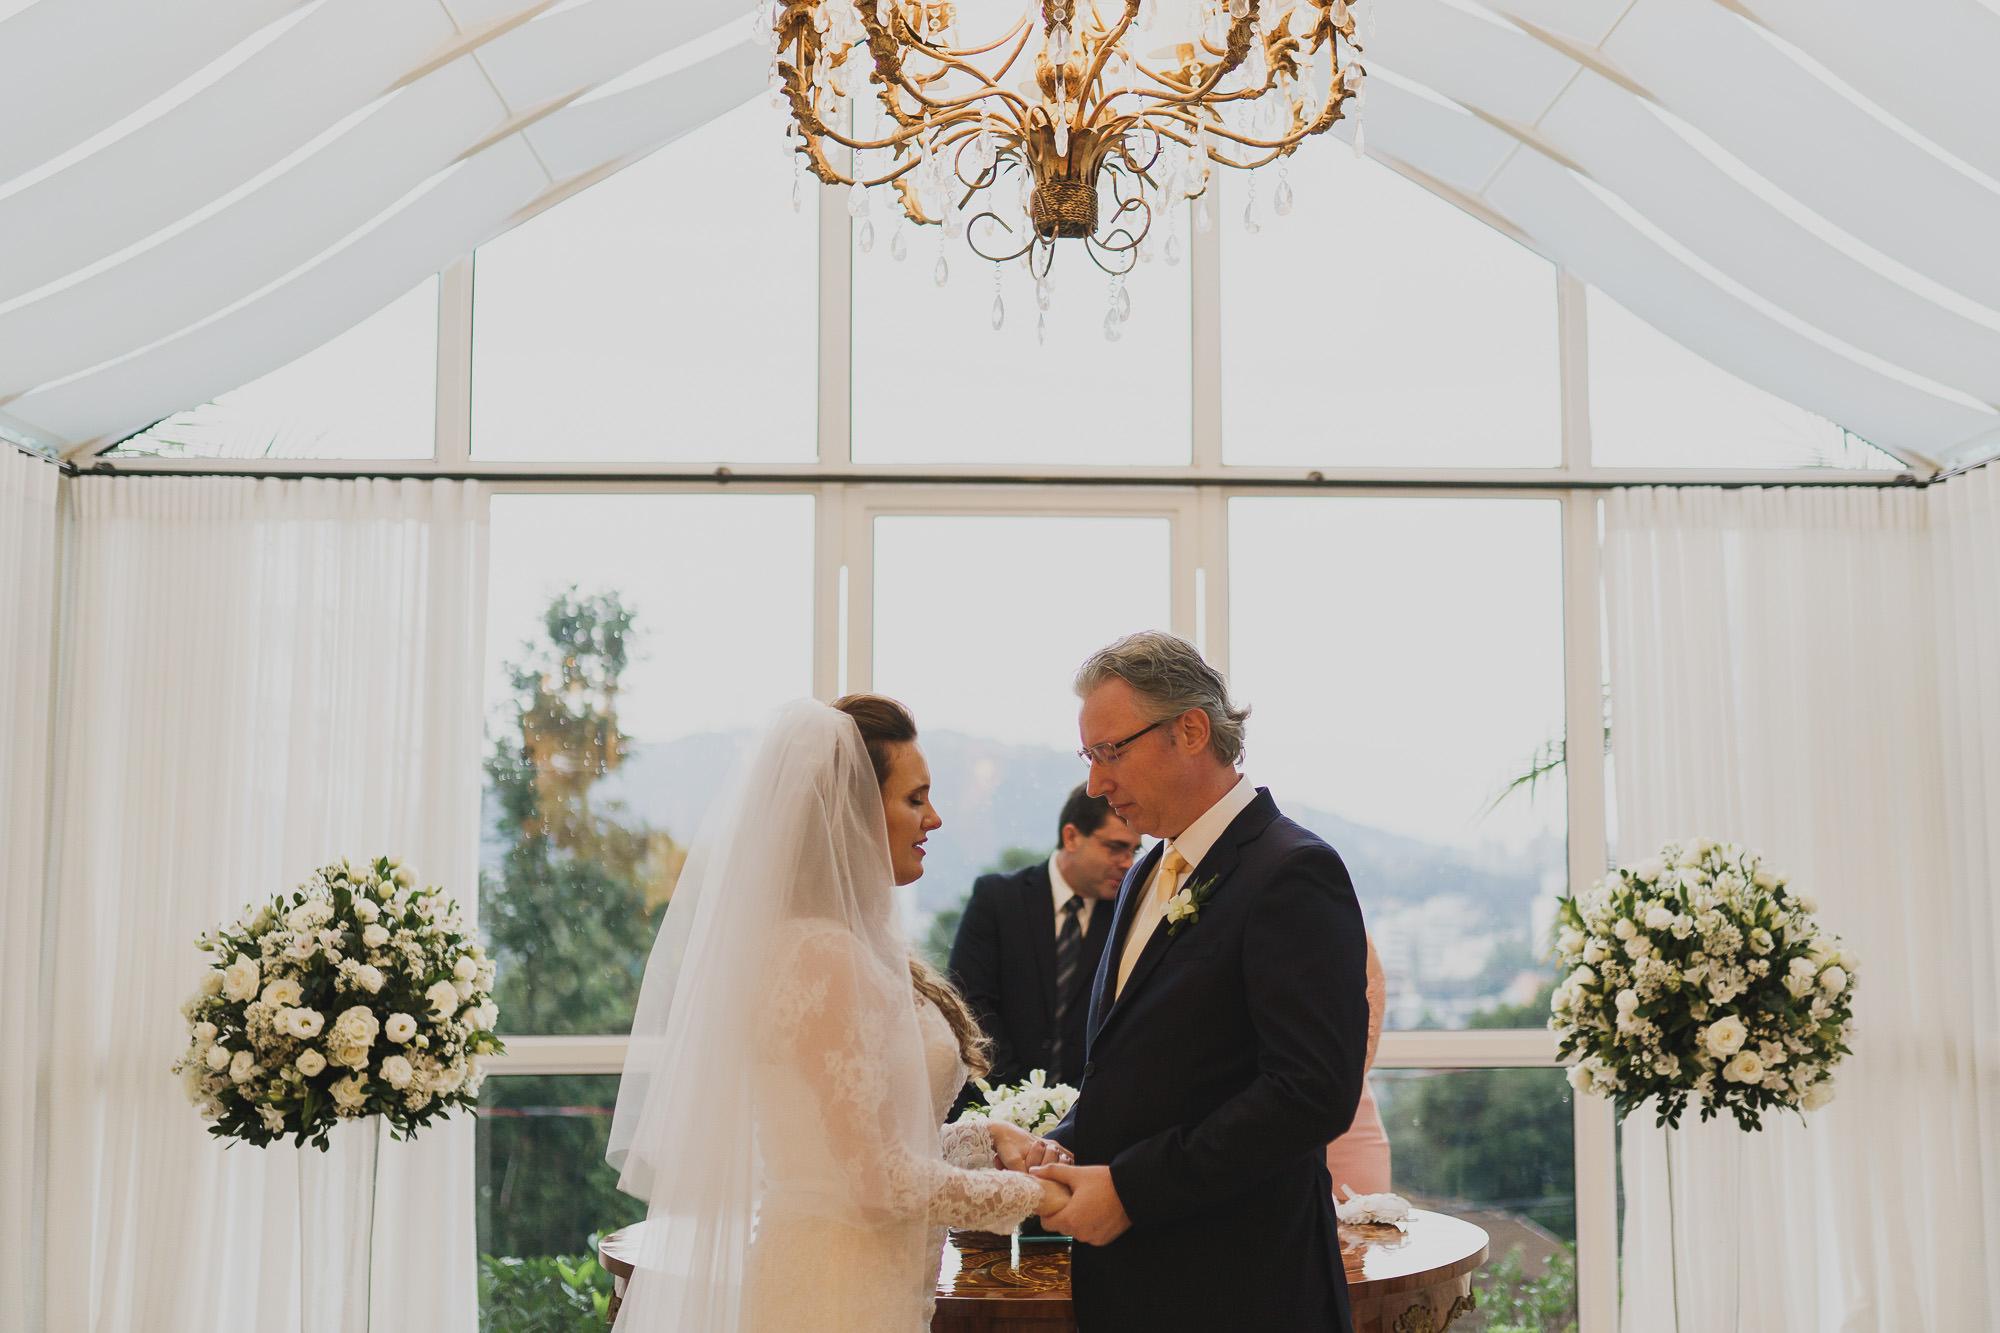 nando hellmann fotografo de casamento de